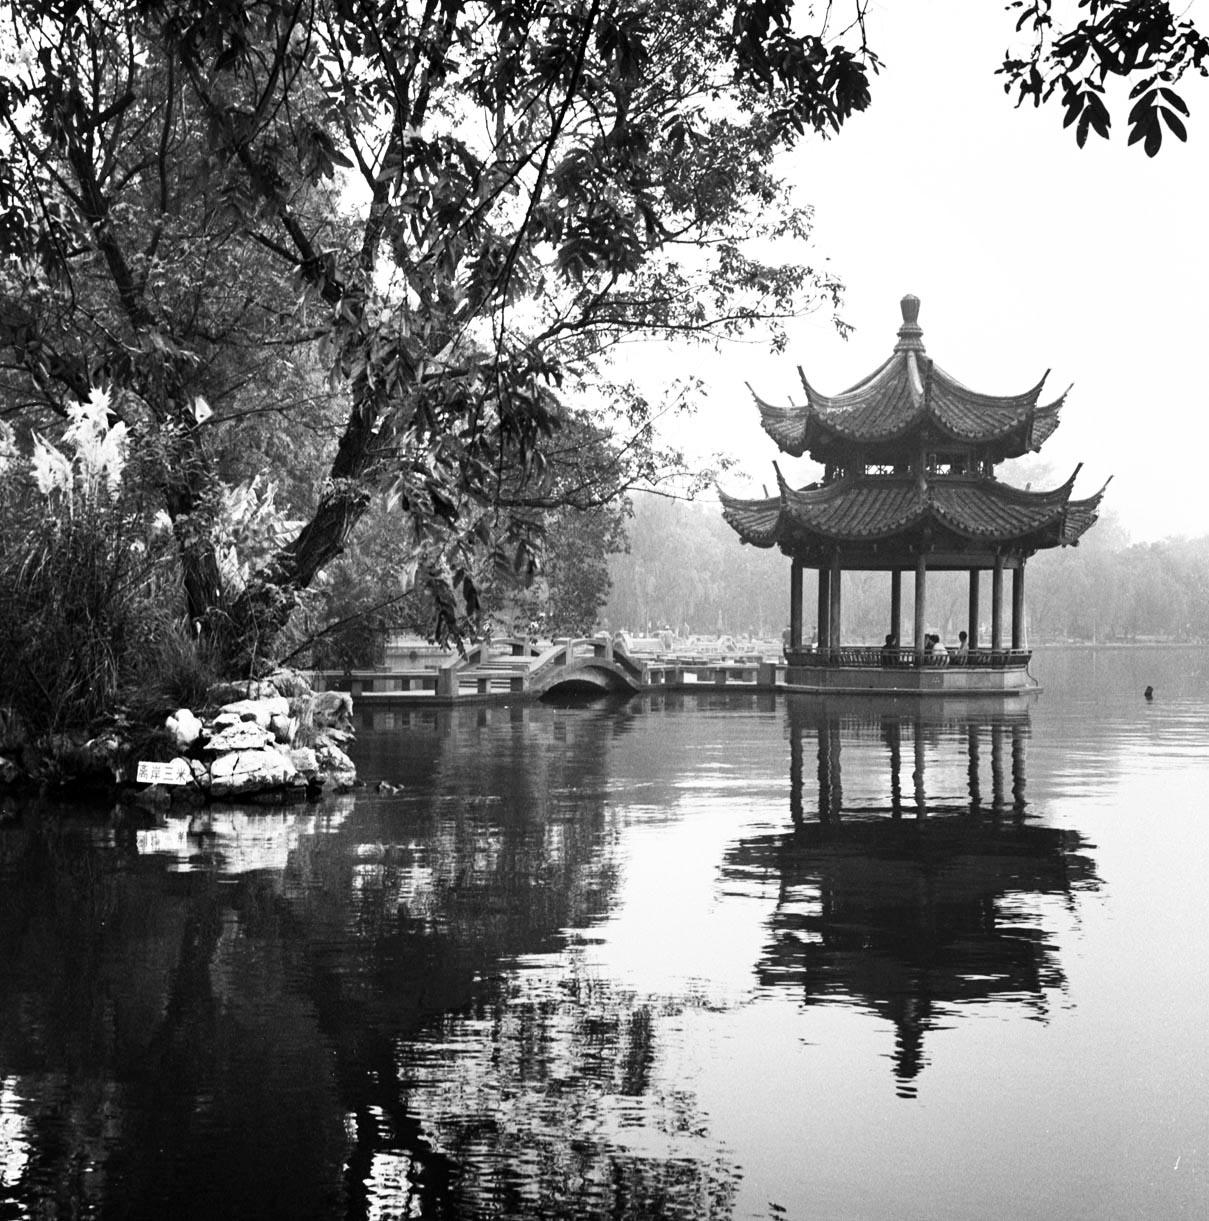 West lake III, Hangzhou